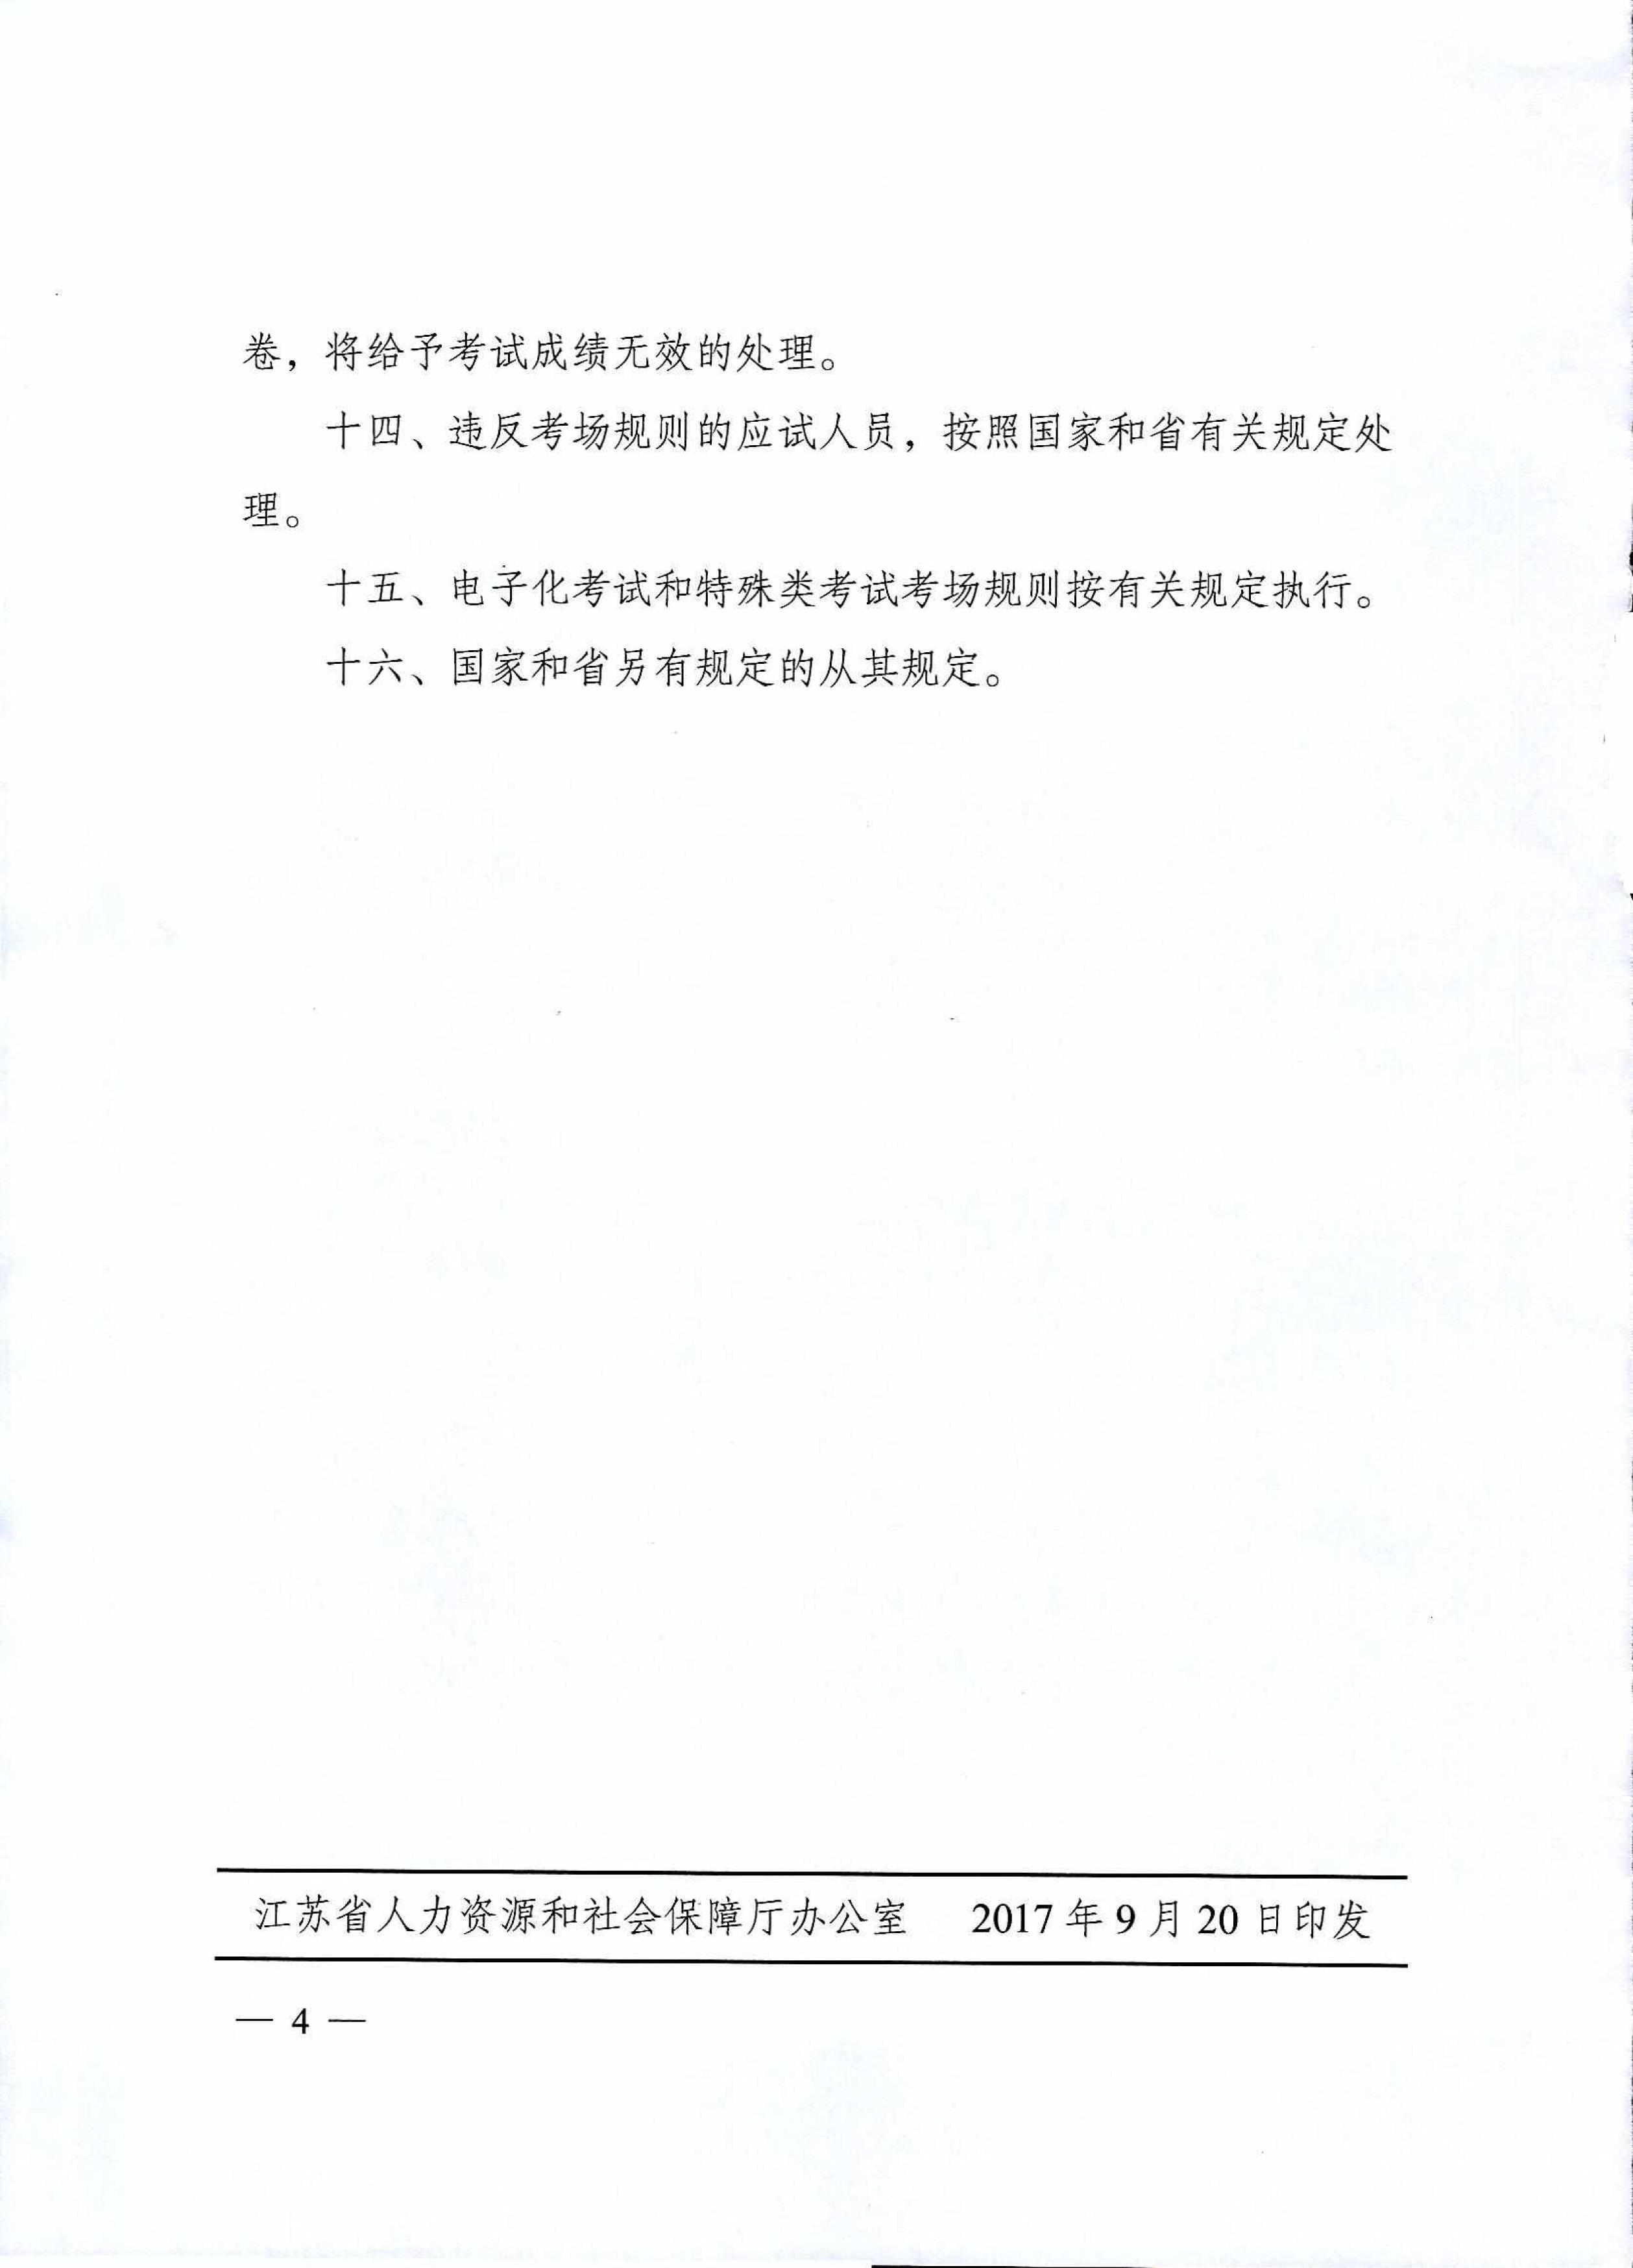 江苏公务员考试考场规则4